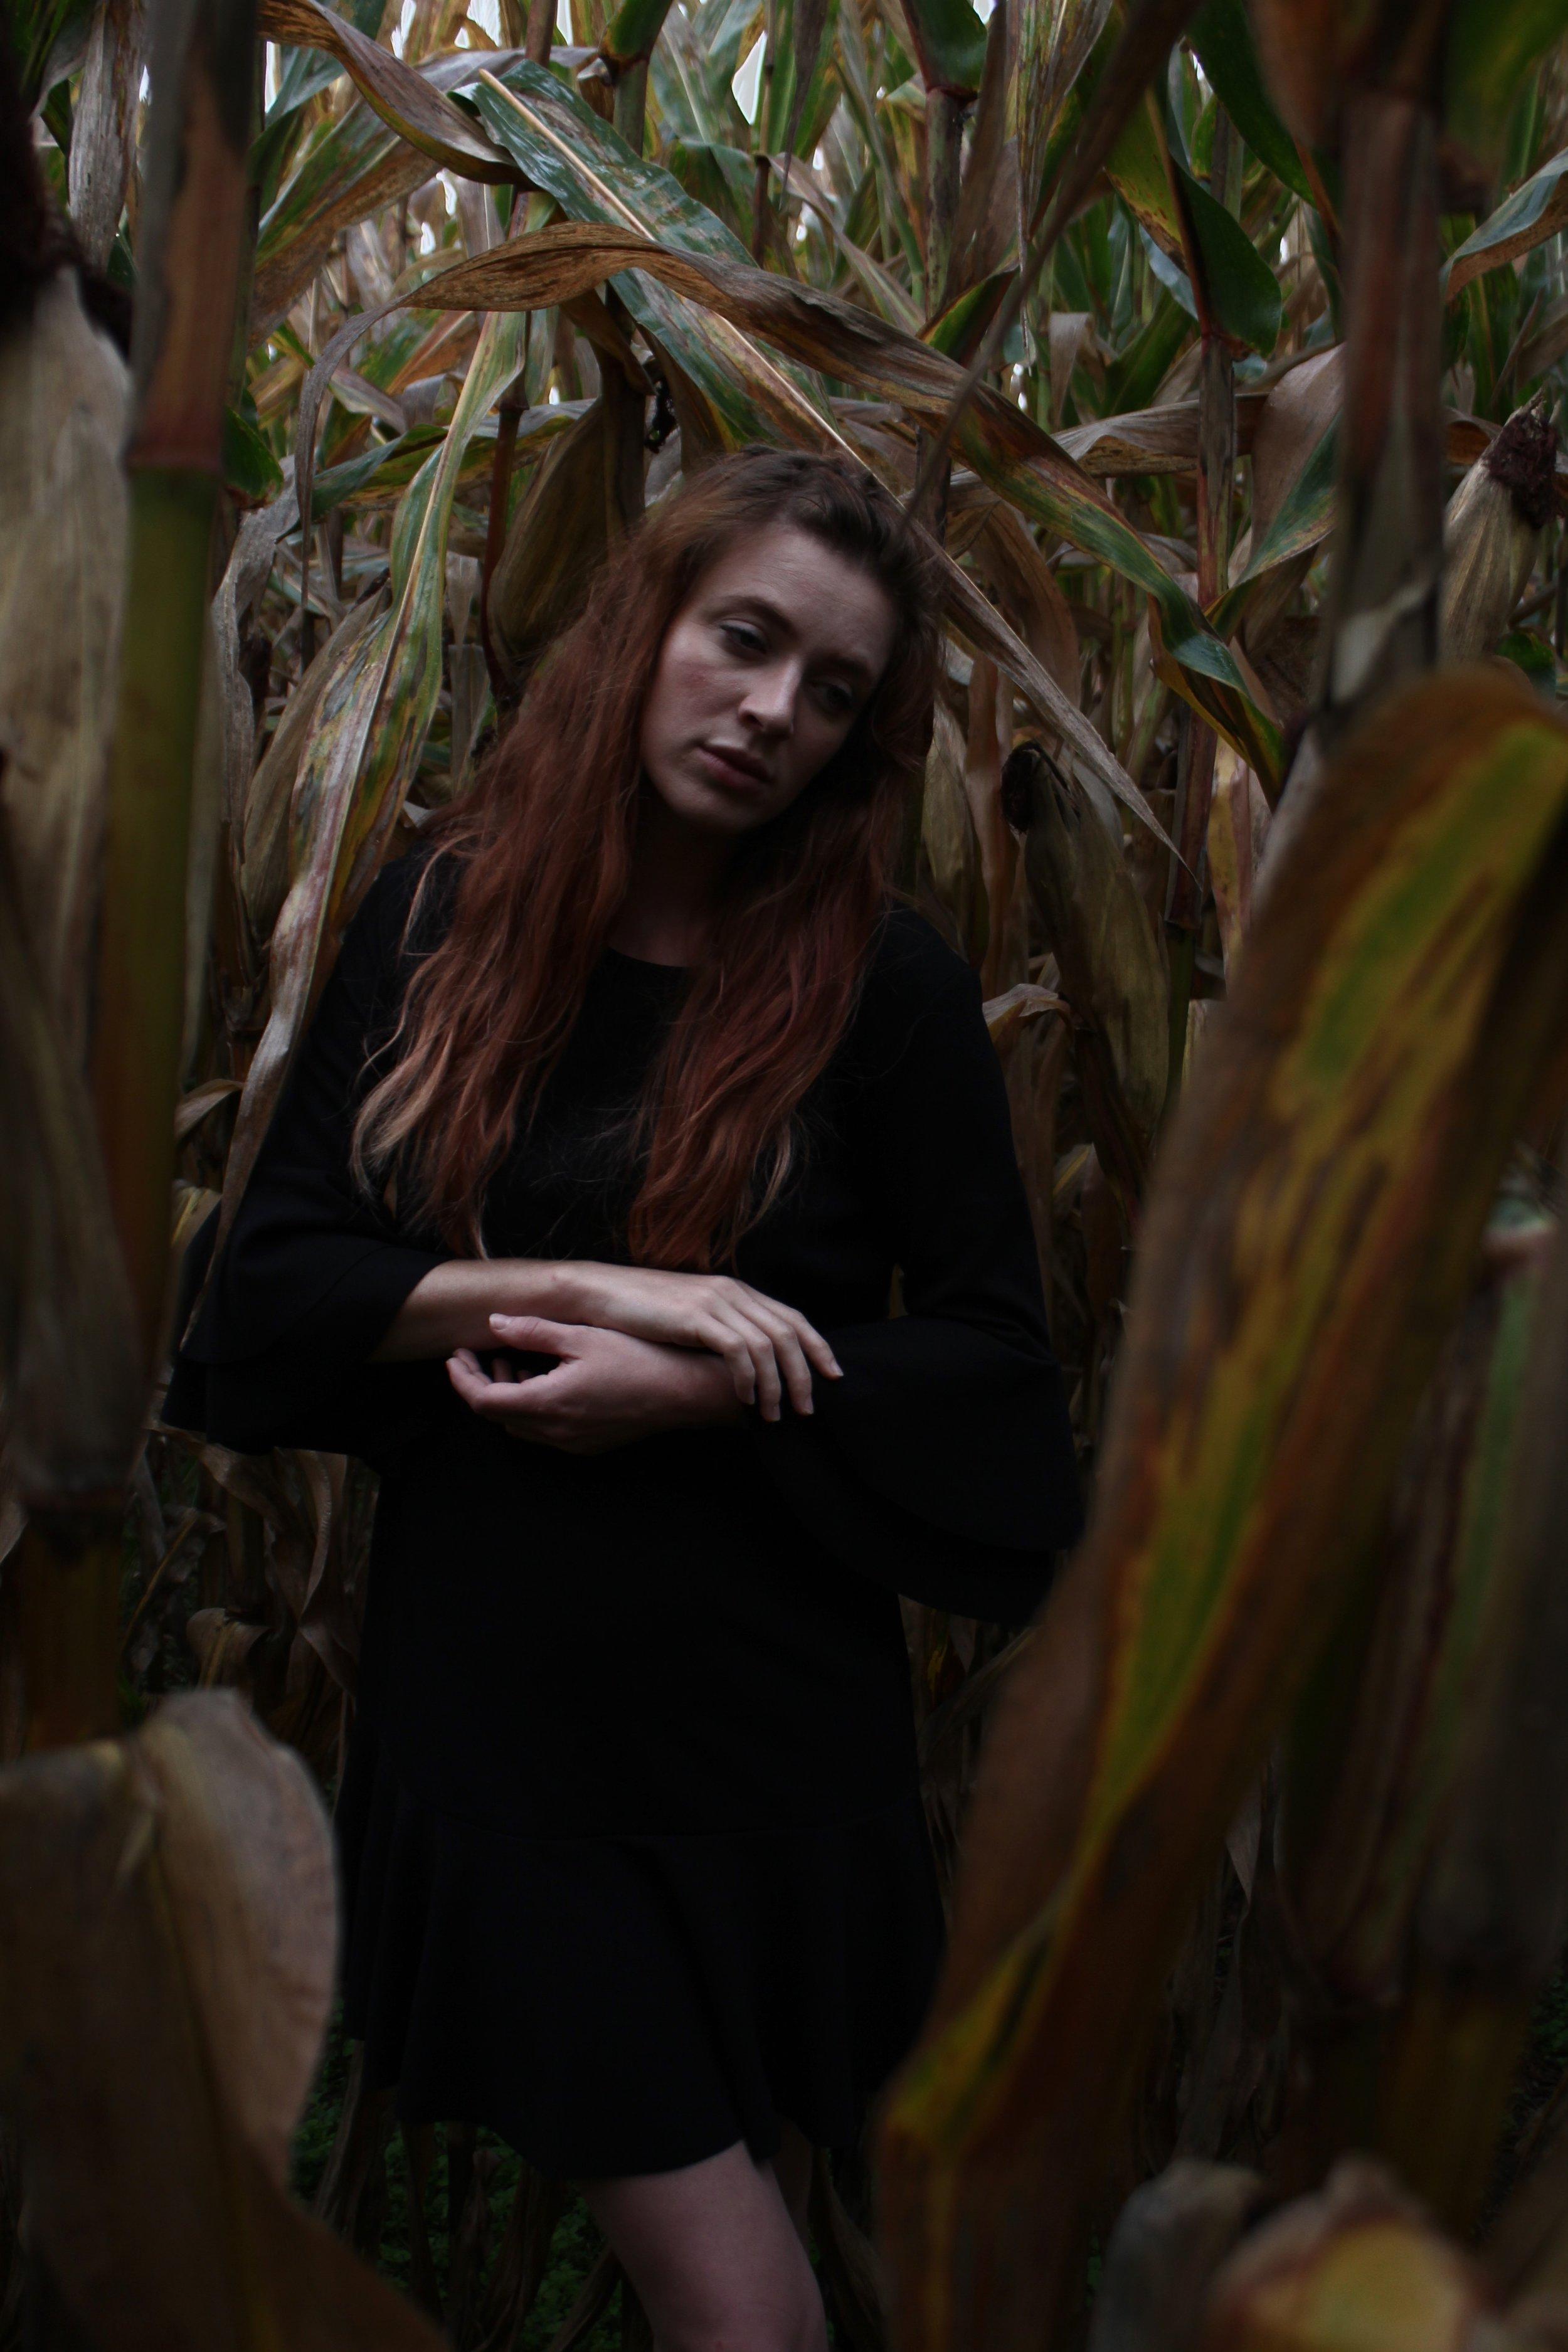 Kentucky grown corn